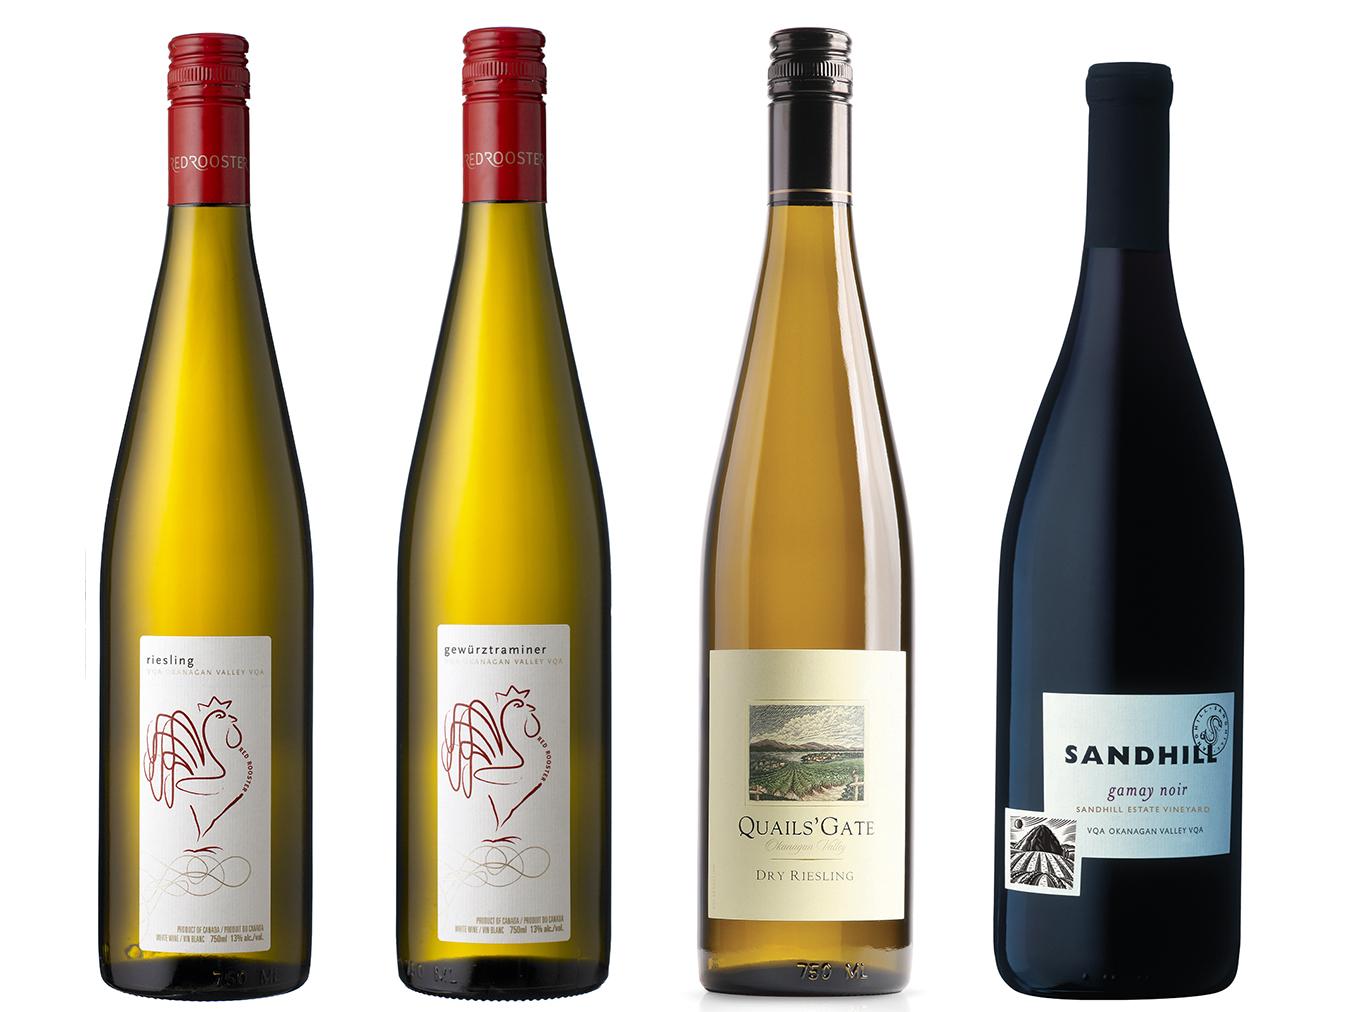 MONTECRISTO Blog: Holiday Wines